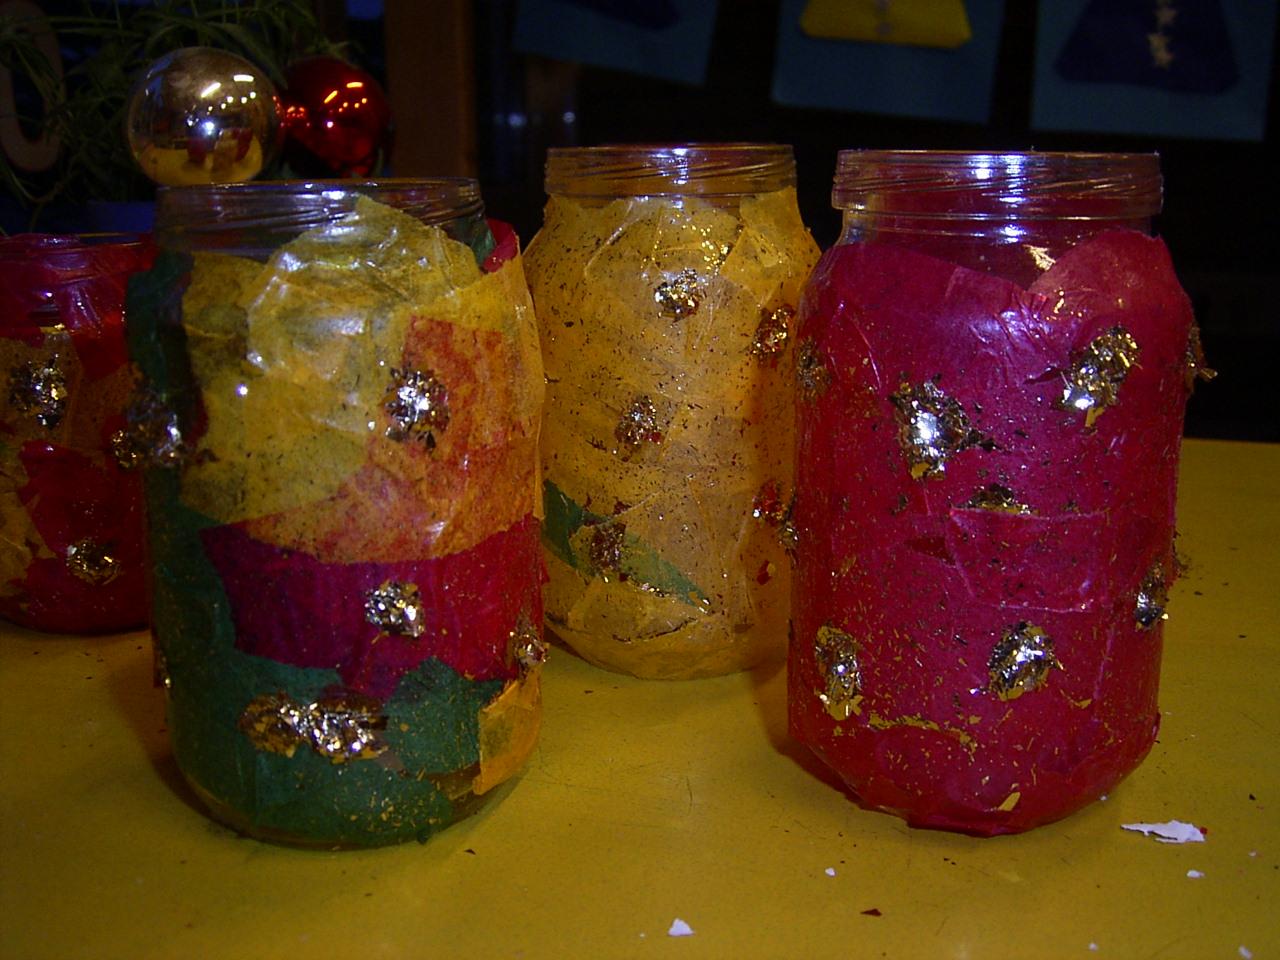 jufjanneke.nl - Kerstlichtjes maken